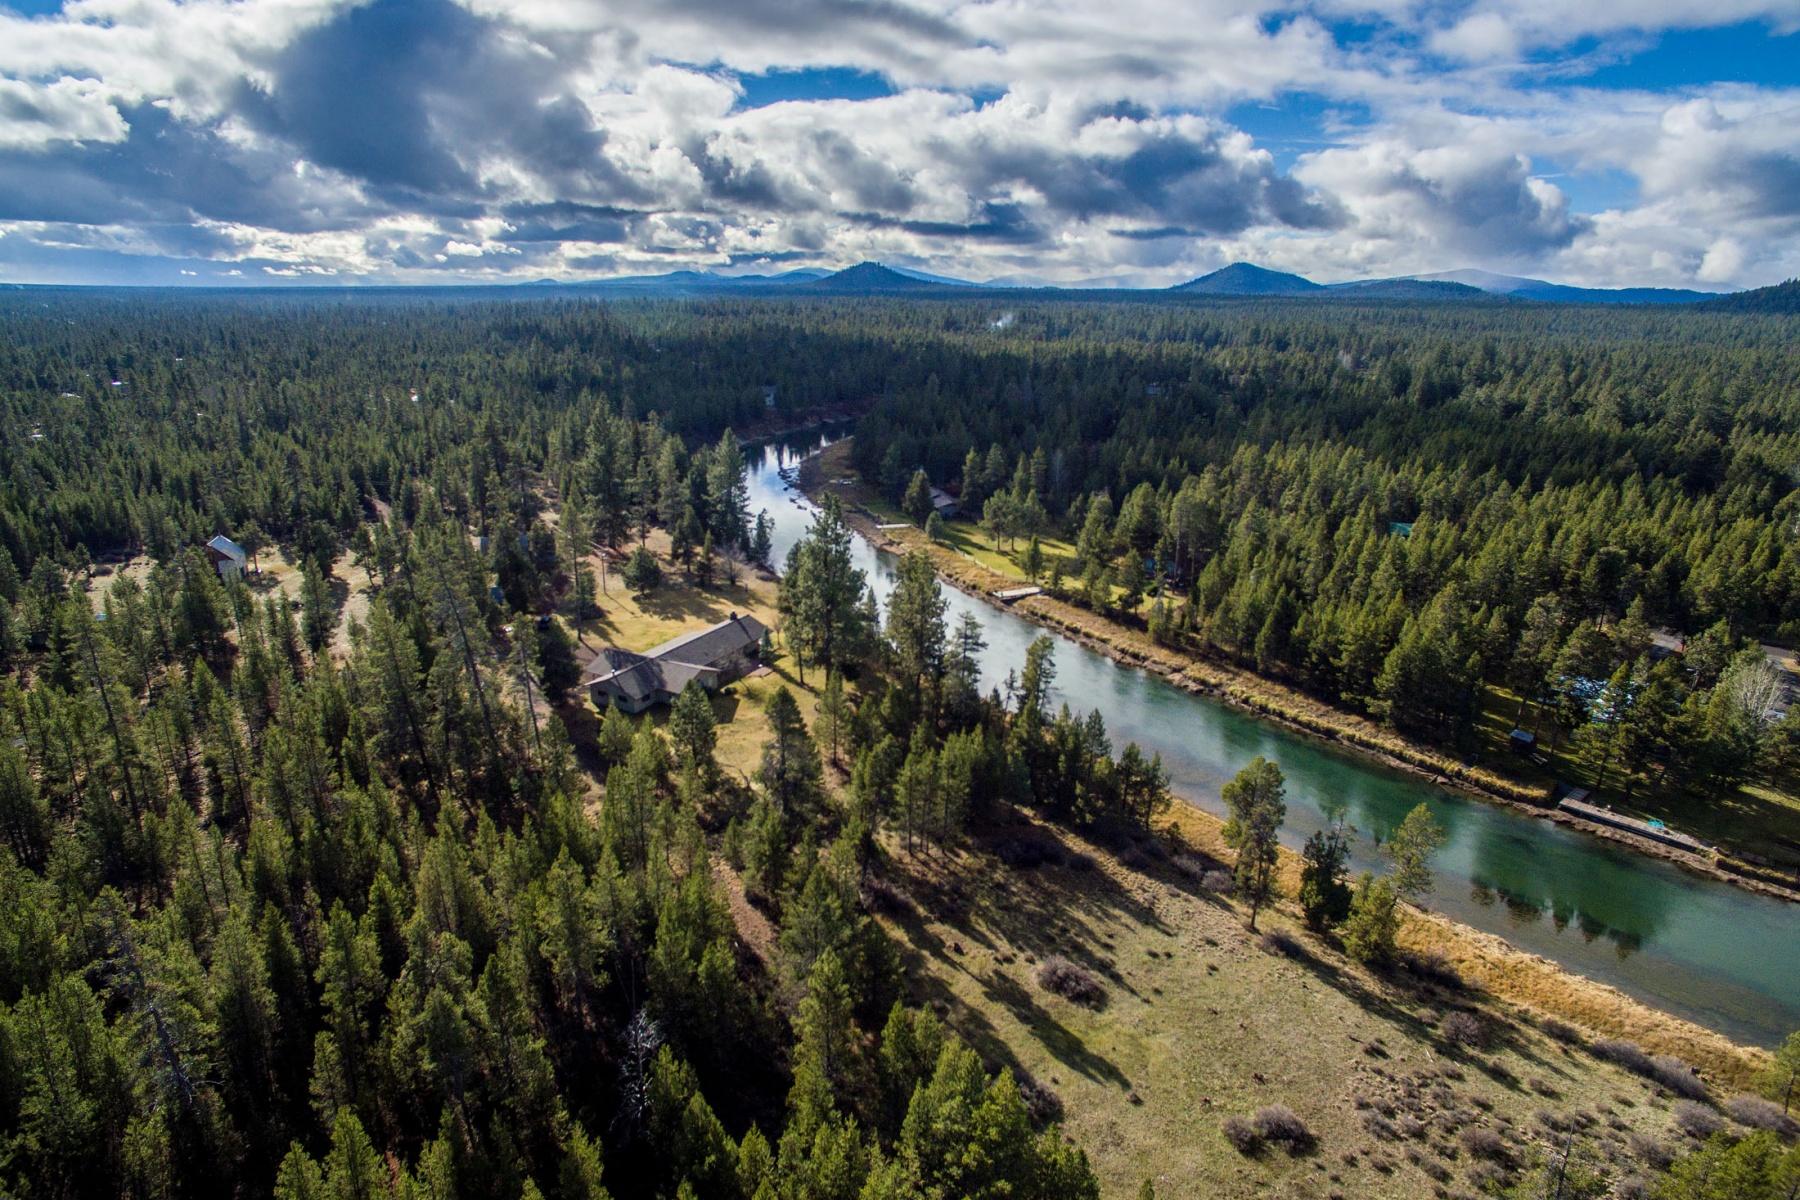 Maison unifamiliale pour l Vente à Deschutes River Frontage 17440 Canoe Camp Dr Bend, Oregon, 97707 États-Unis